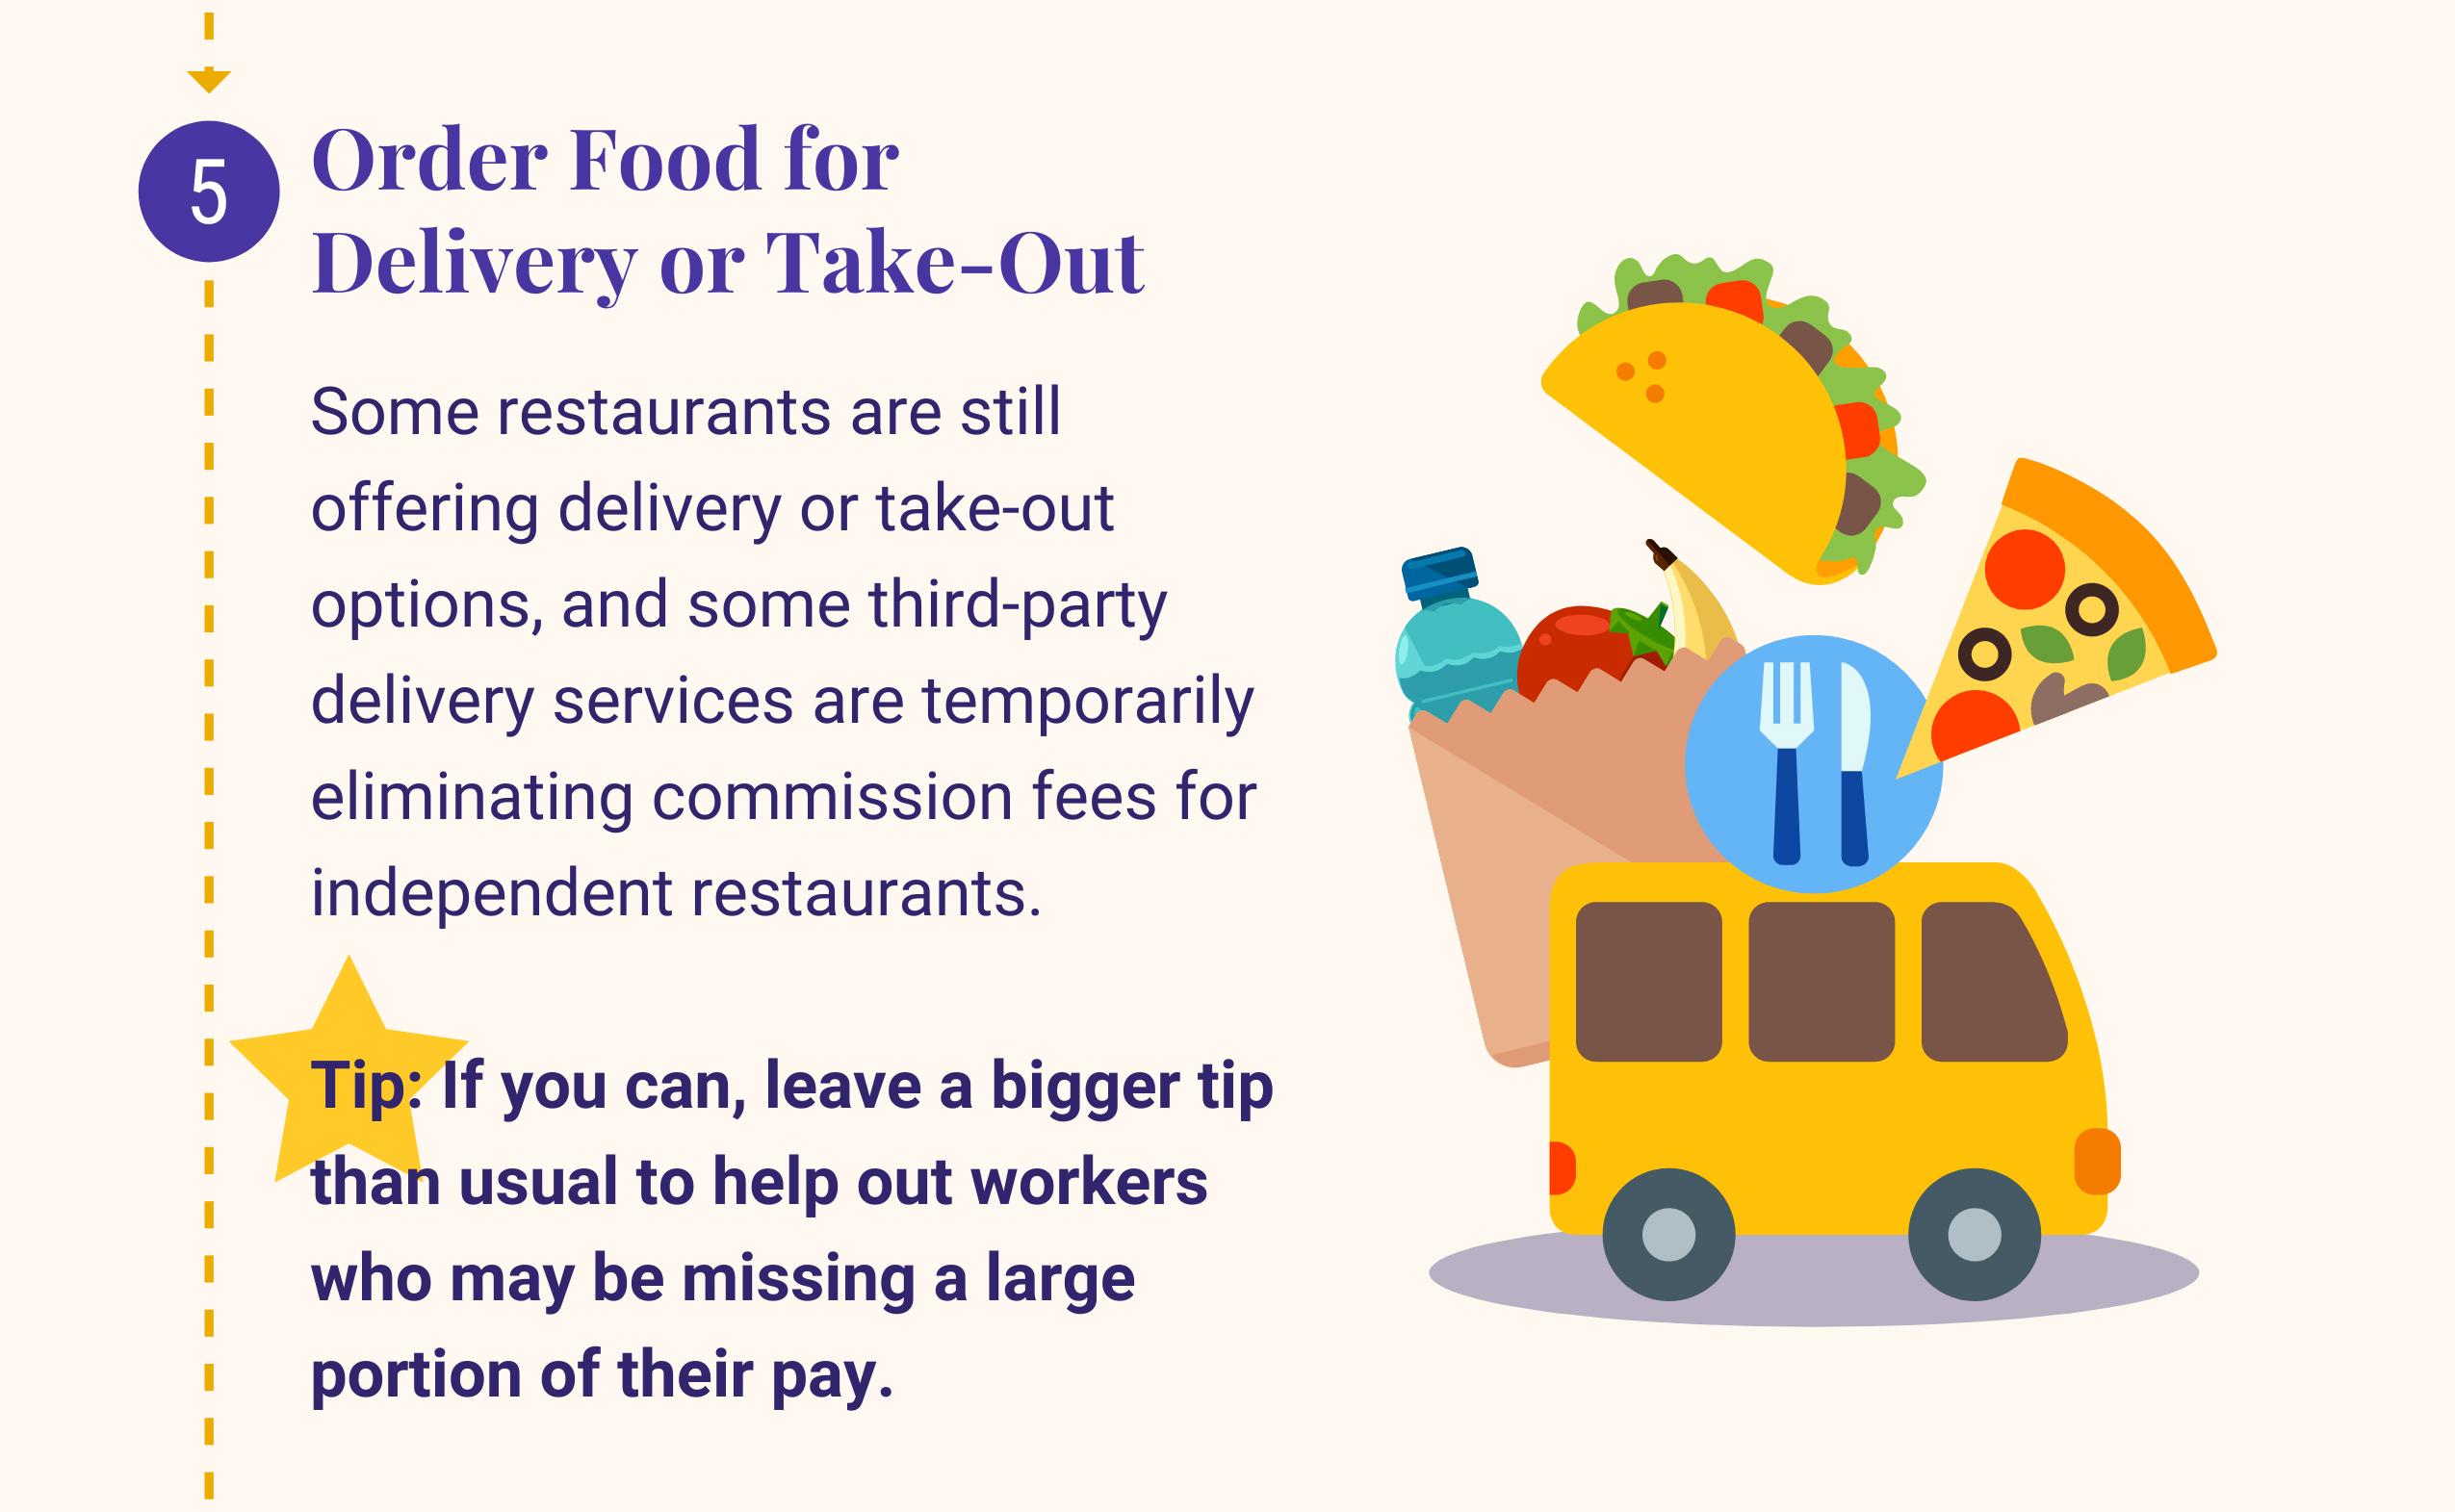 5:订购外卖或外卖. 一些餐馆仍然提供外卖或外卖服务, 一些第三方外卖服务暂时取消了独立餐厅的佣金. 提示:如果可以的话, 多给一些小费,帮助那些少付了一大部分薪水的员工.